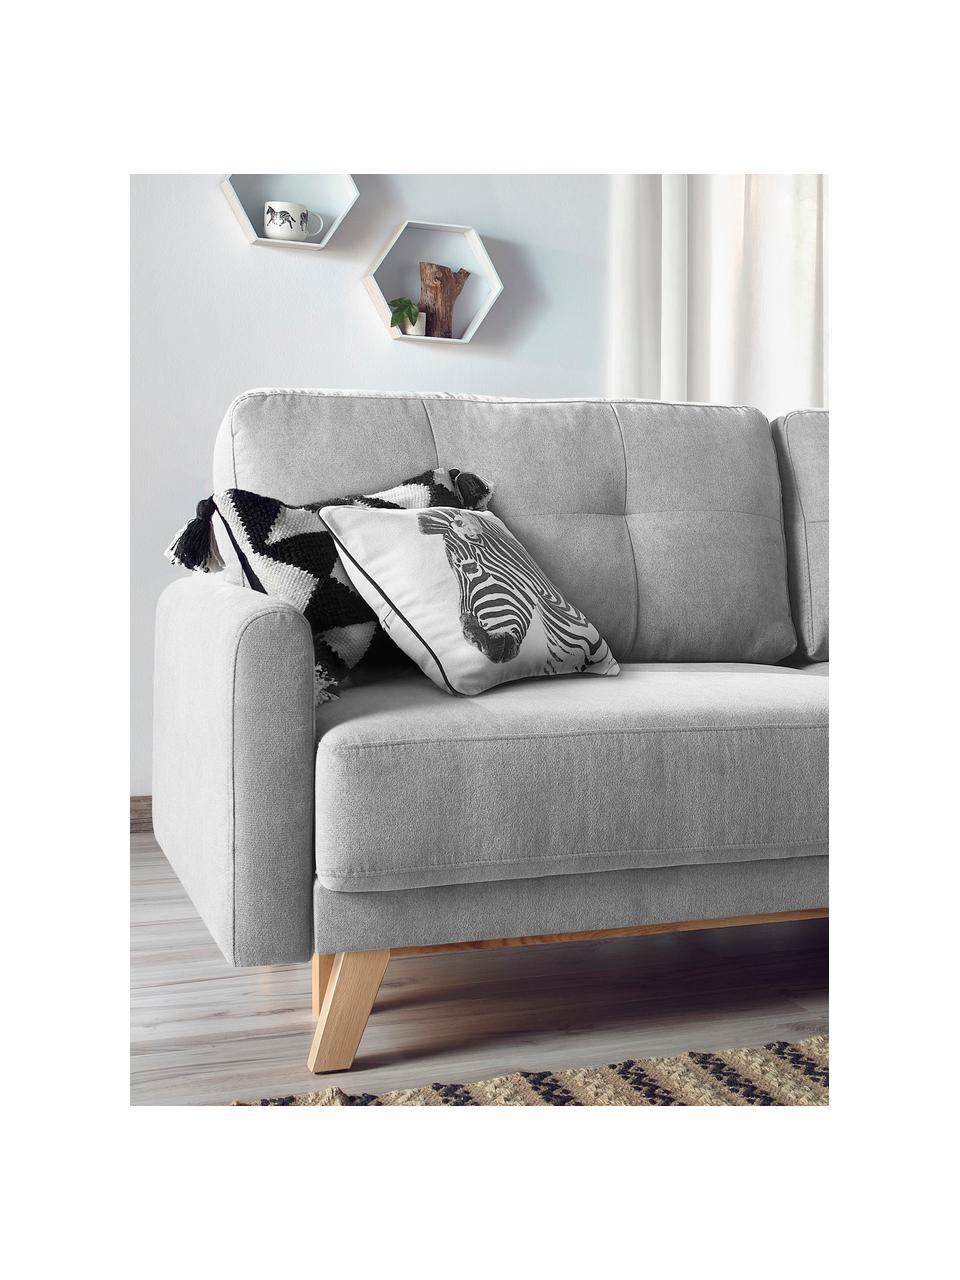 Fluwelen slaapbank Balio (3-zits) in lichtgrijs met opbergfunctie, uitklapbaar, Bekleding: 100% polyester fluweel, Frame: massief hout en spaanplaa, Poten: gelakt metaal, Fluweel lichtgrijs, B 216 x D 102 cm